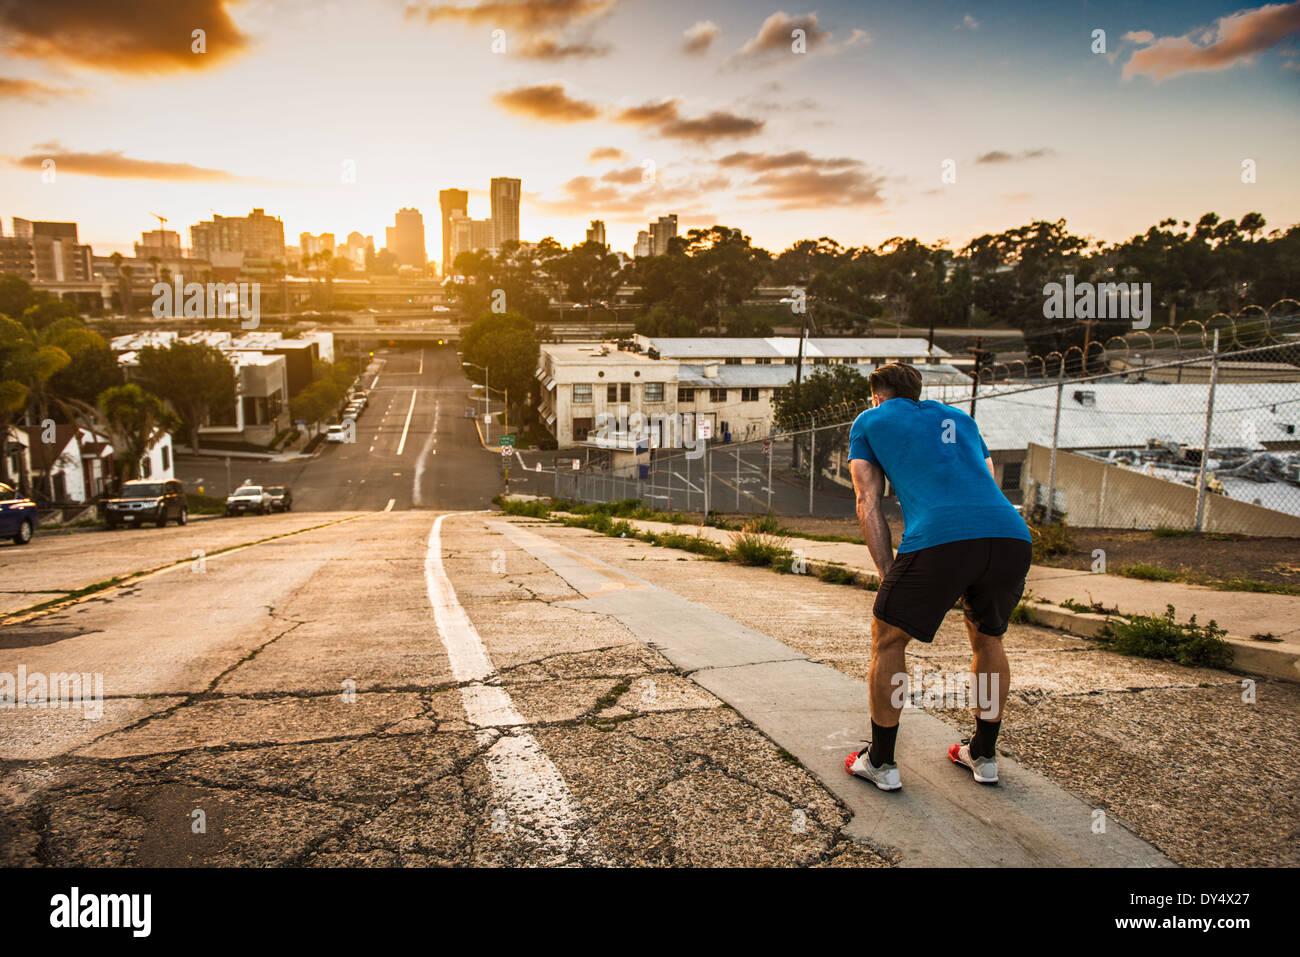 Giovane maschio runner prendendo una pausa in cima ad una ripida collina della città Immagini Stock